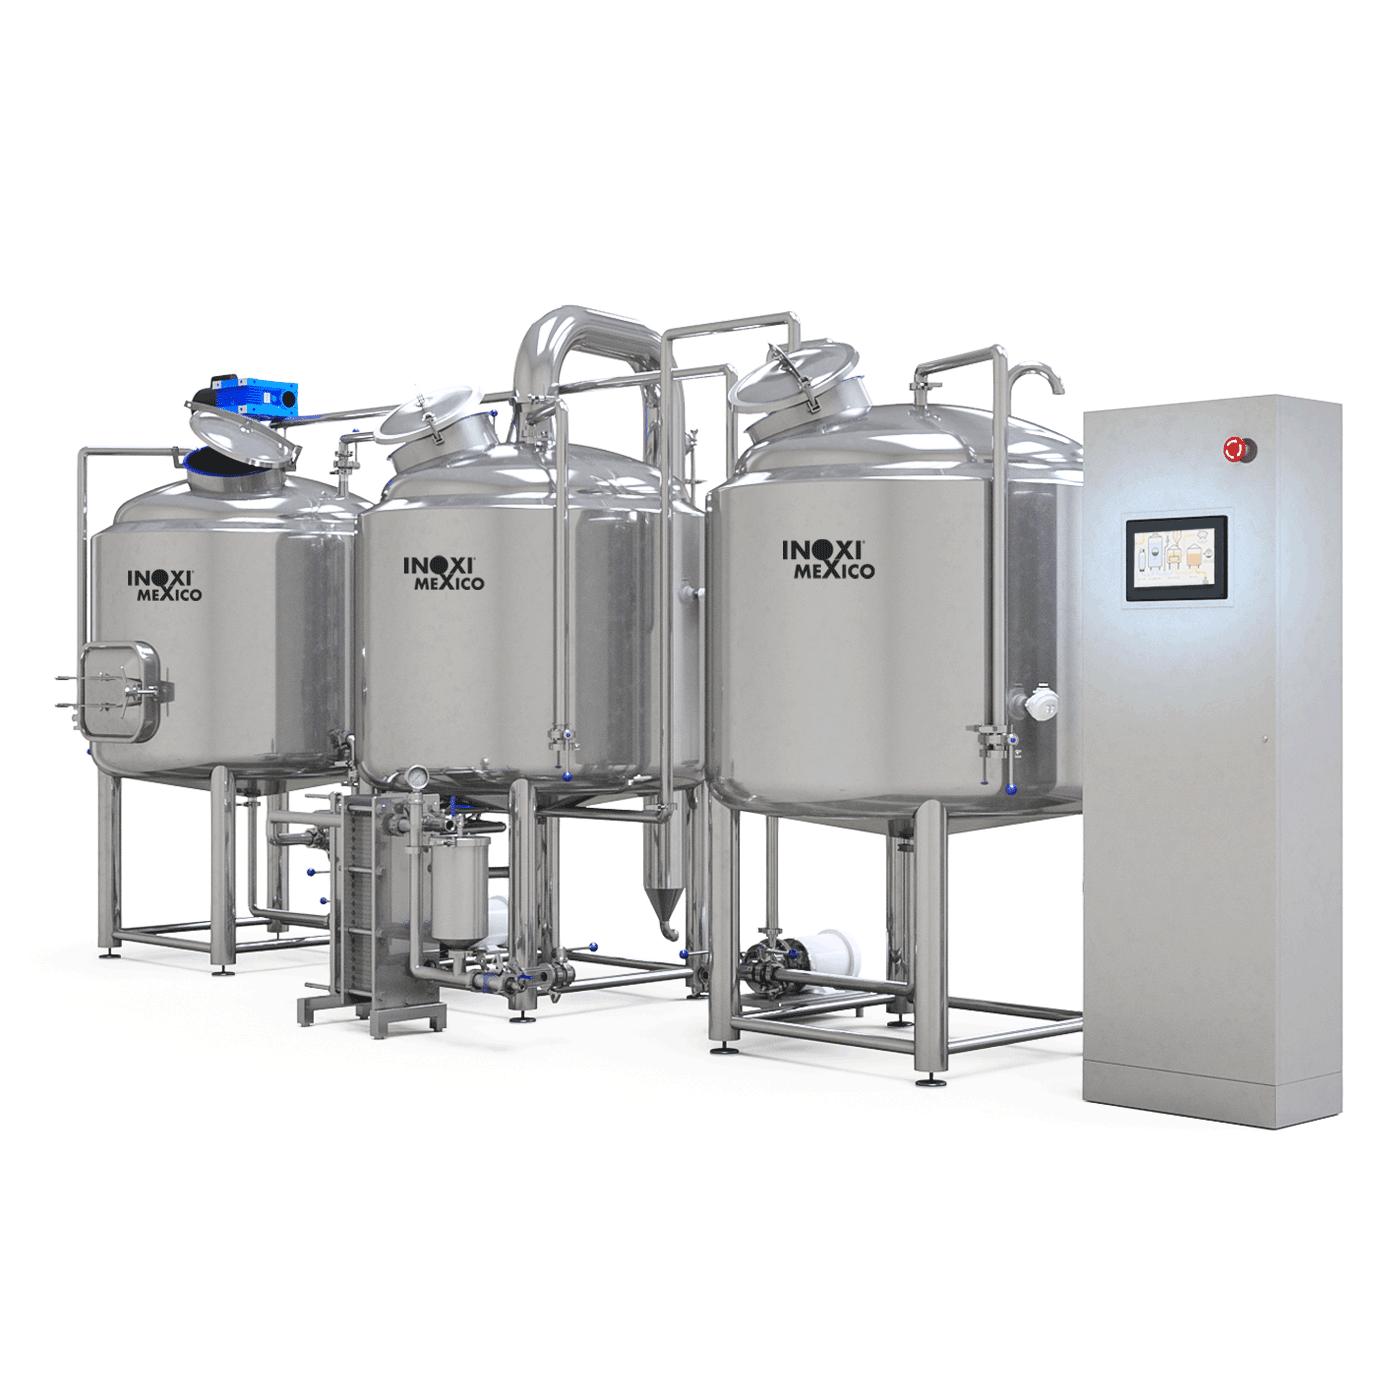 BrewersPro Eléctrico 620 Litros Nominales / (400L - 3.4 BBL Útil)